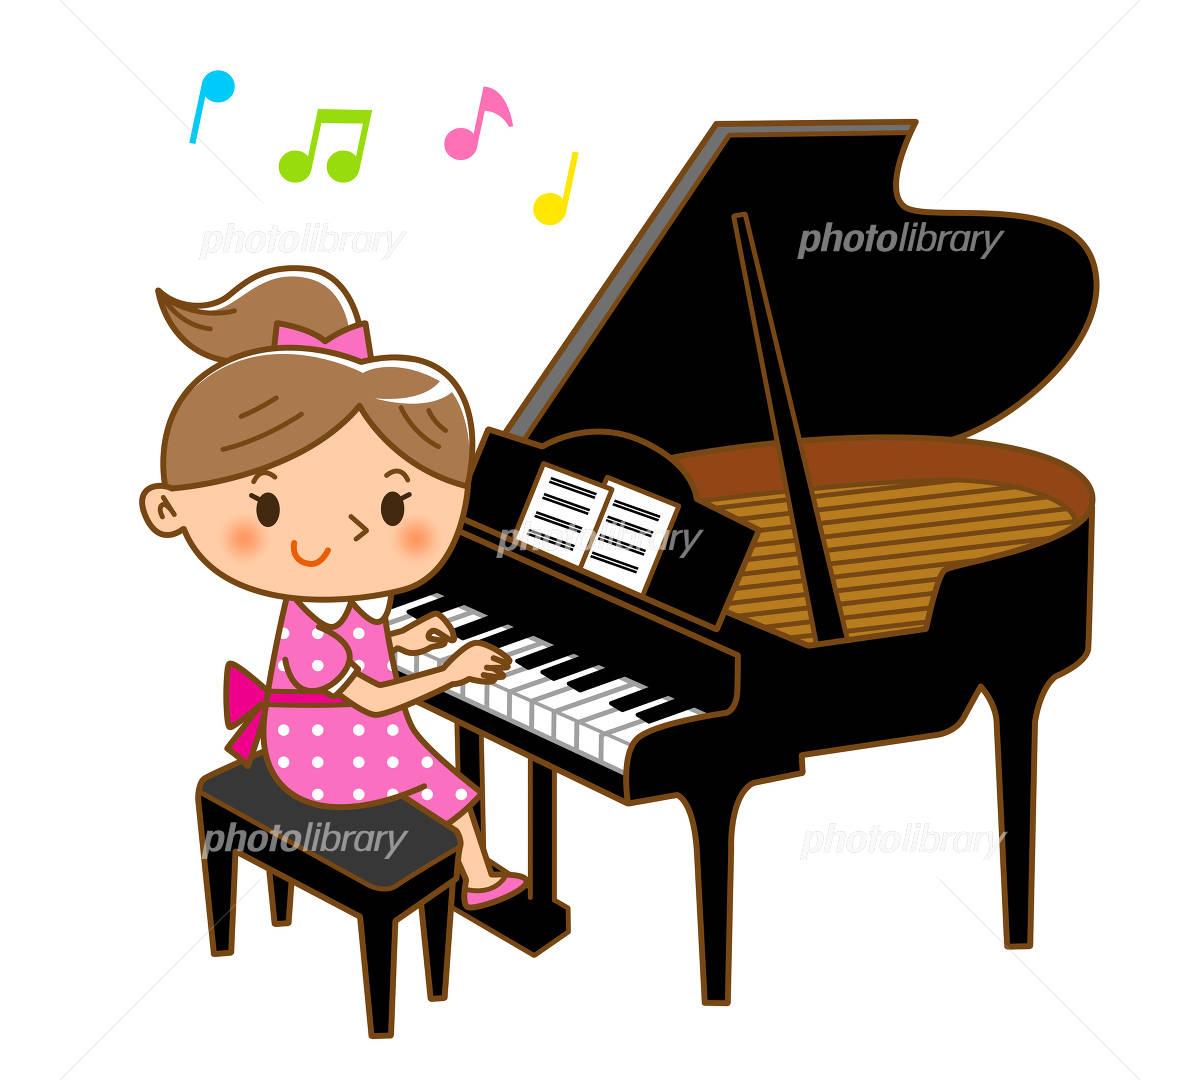 ピアノ演奏 イラスト素材 4721292 フォトライブラリー Photolibrary